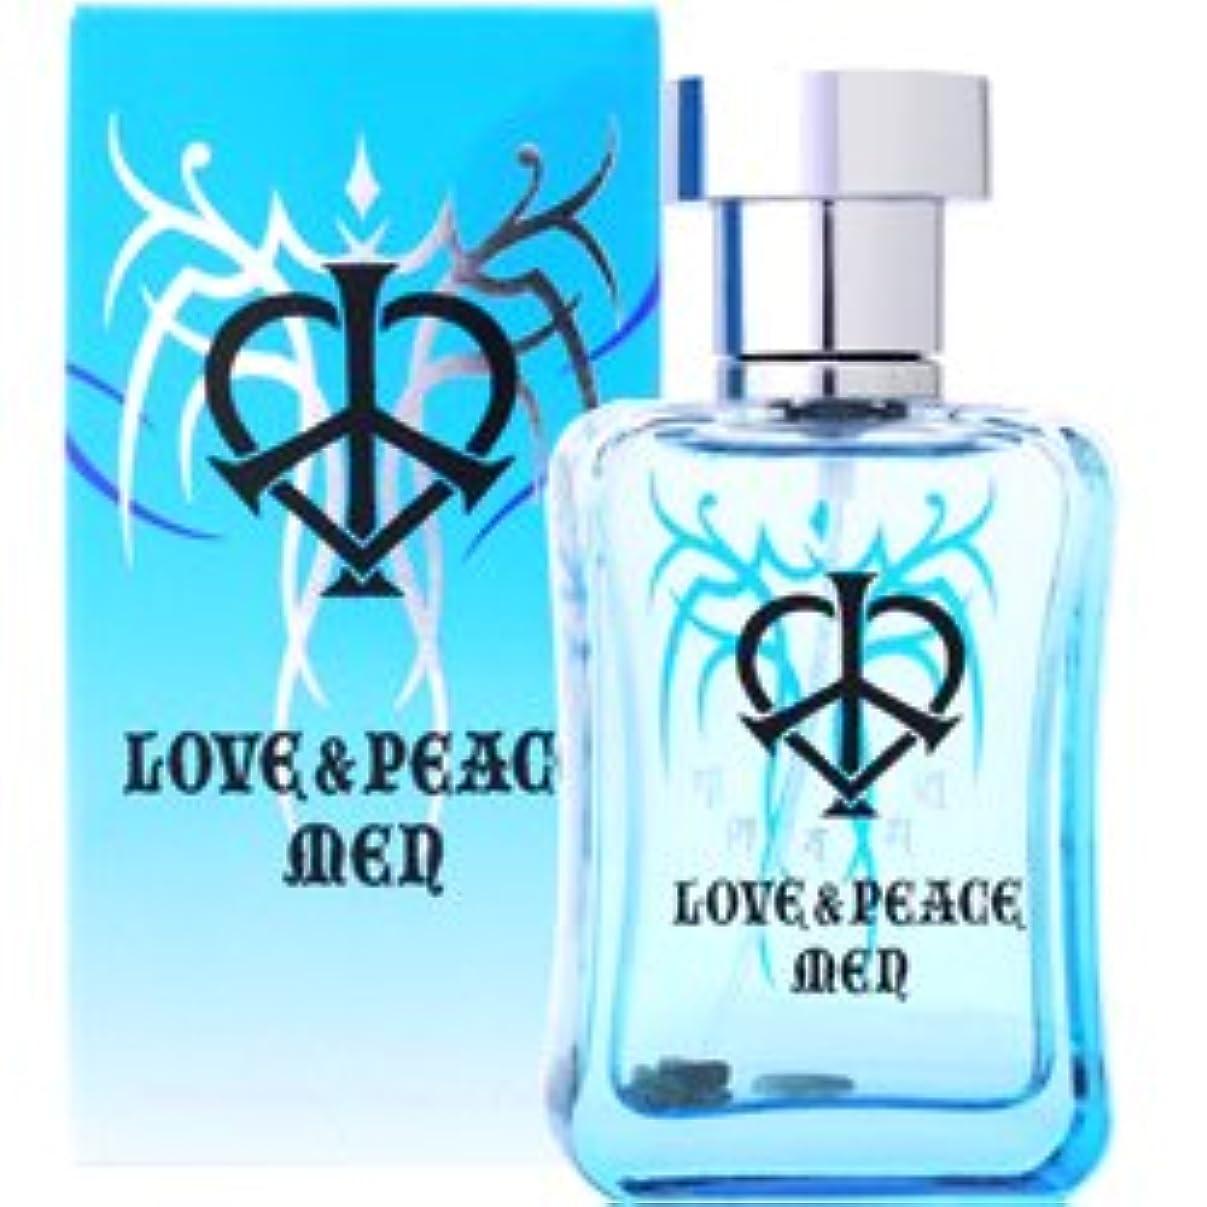 大理石に対して動かすラブ&ピース LOVE&PEACE ラブ&ピース メン オードパルファム EDP SP 50ml